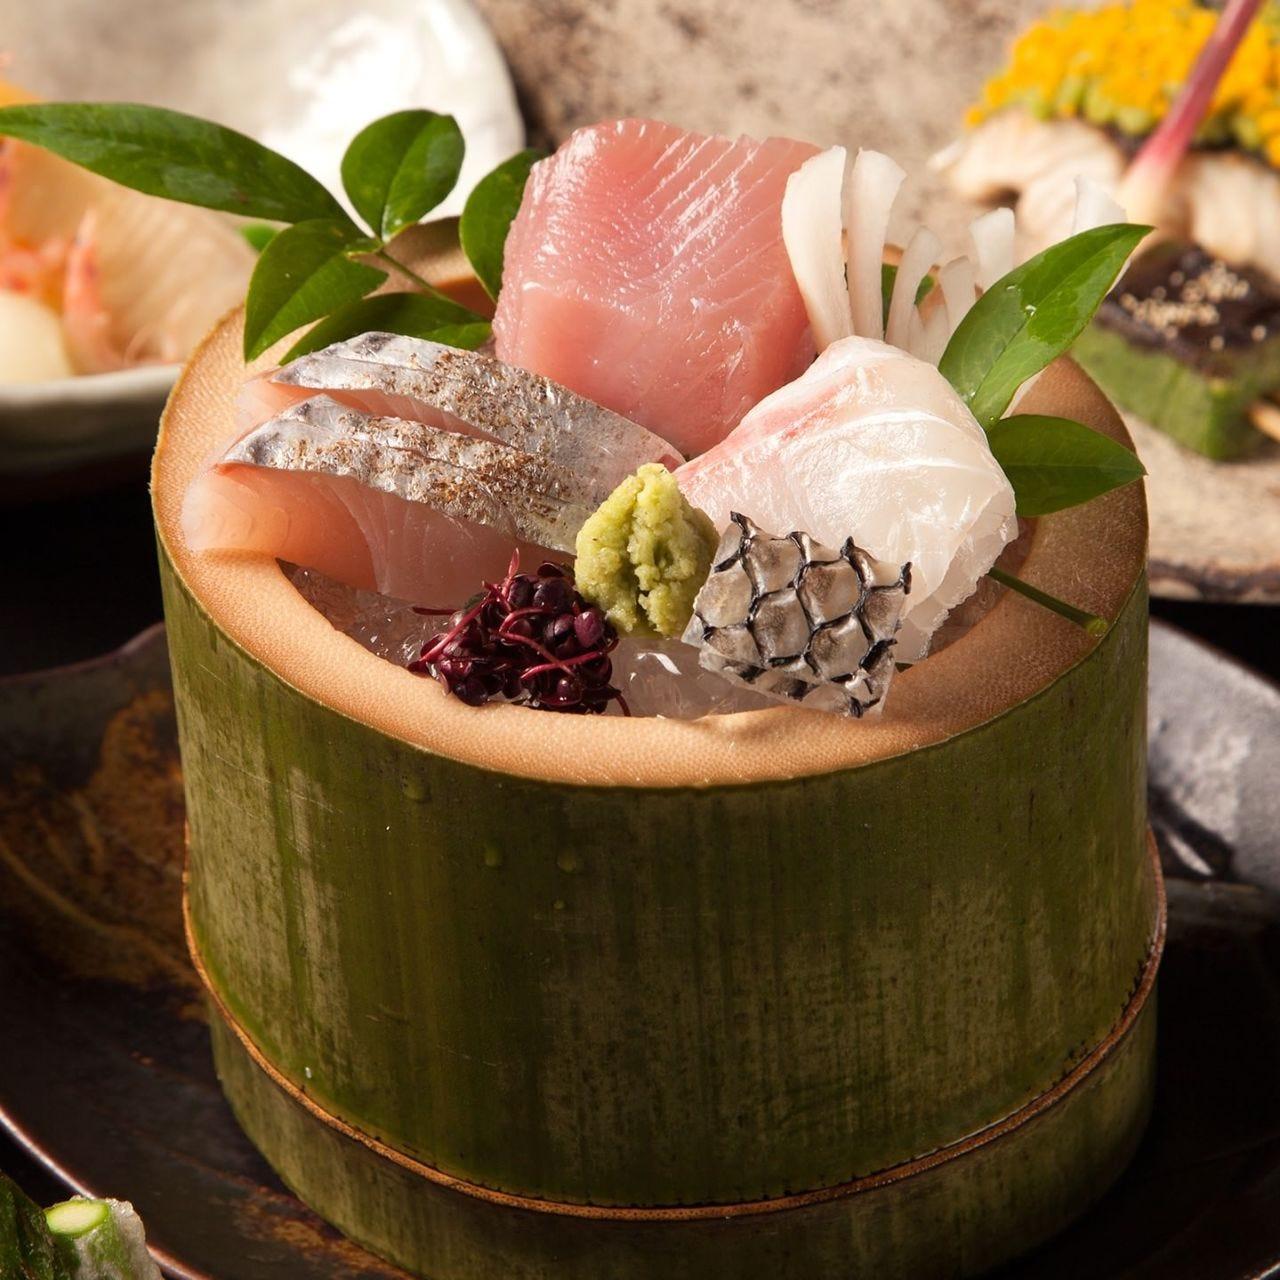 長崎県より直送される天然鮮魚の透き通る美しさをご覧頂けます。